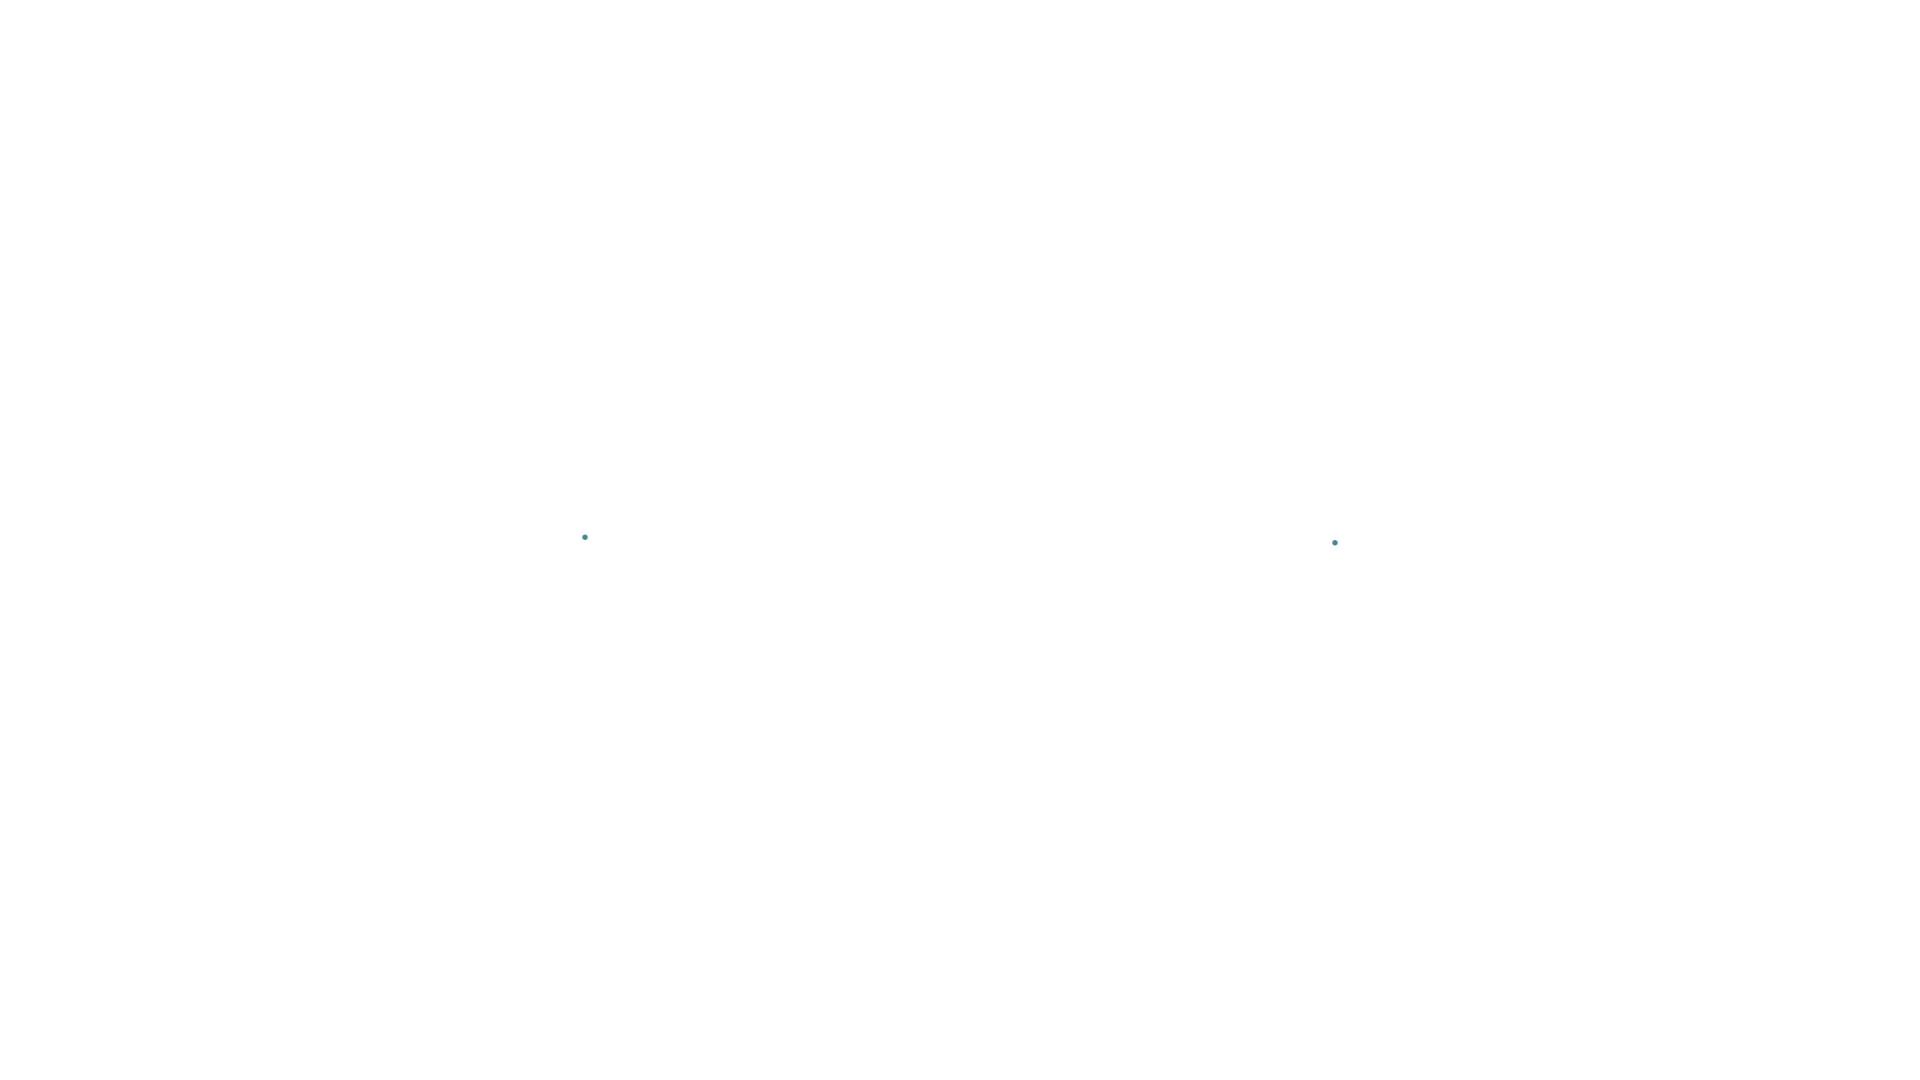 安いホット販売エクスフォリ黒化粧ブラシブラシ